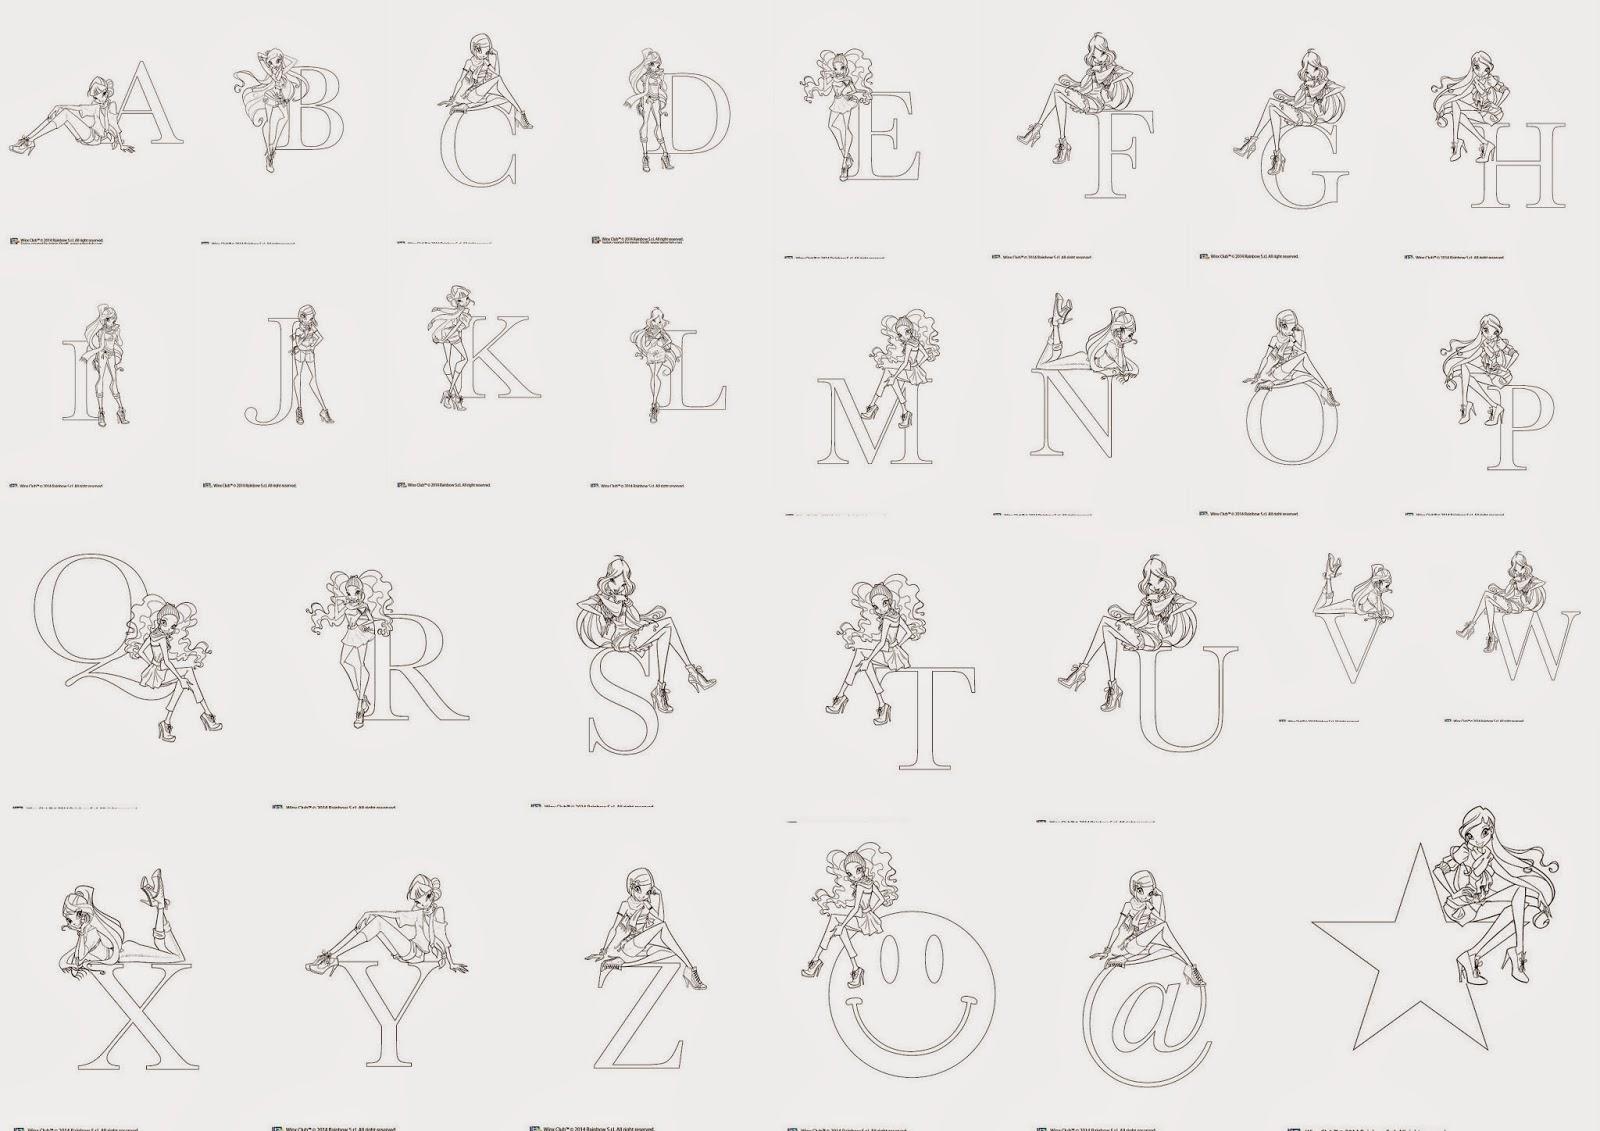 Alfabeto para Colorear de las Winx. | Oh my Alfabetos!